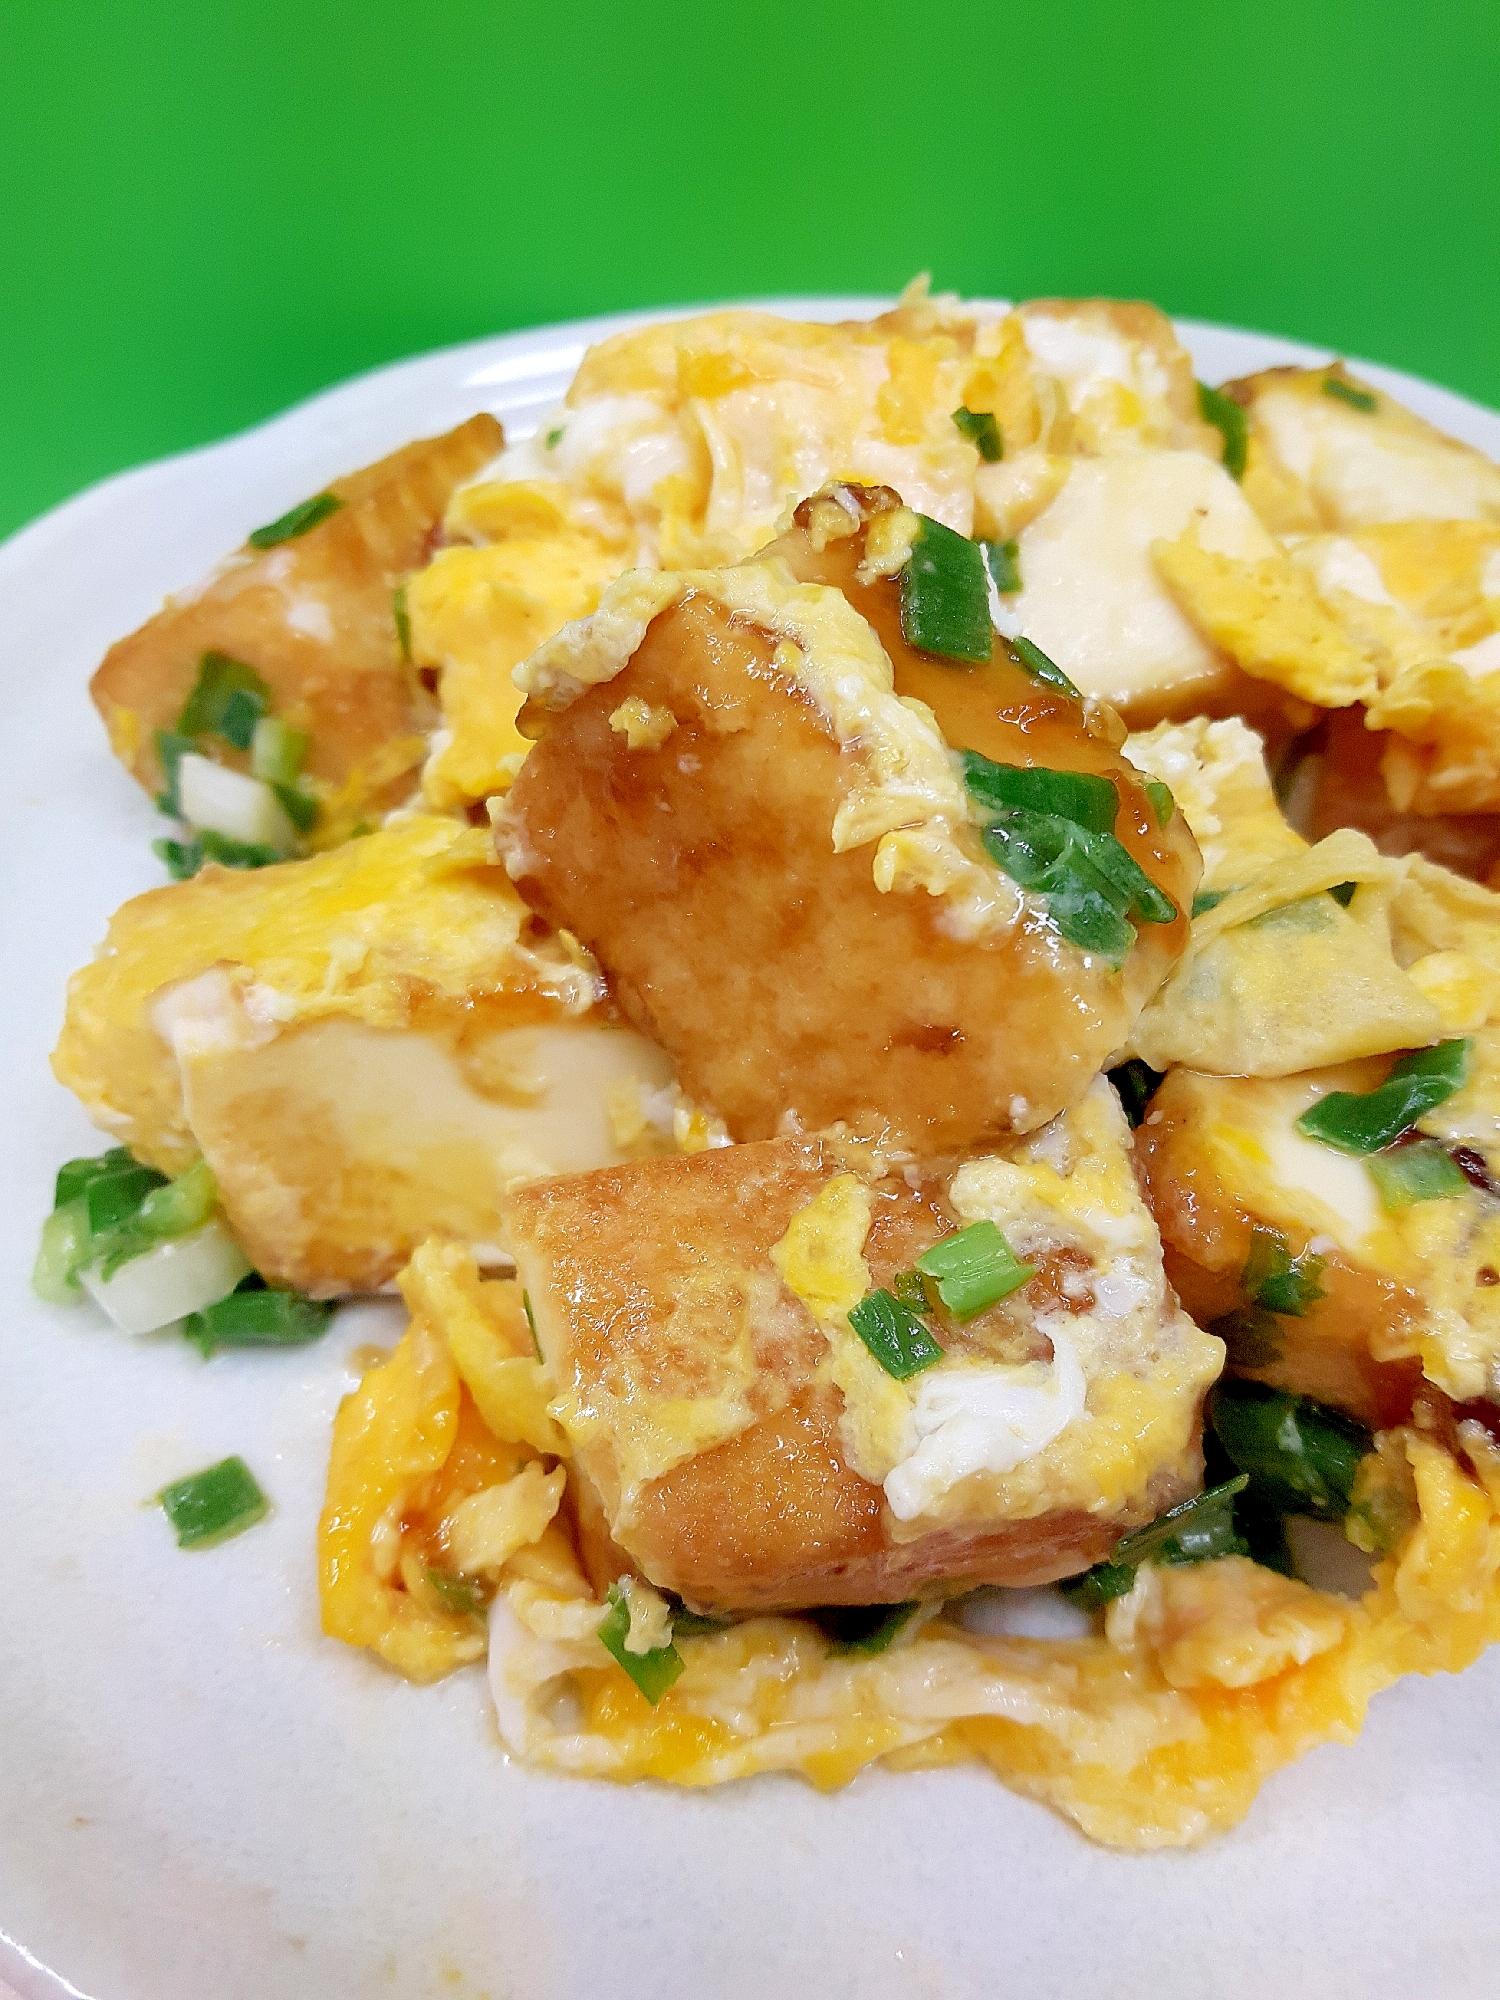 大量消費できる卵の人気レシピ25選 ...